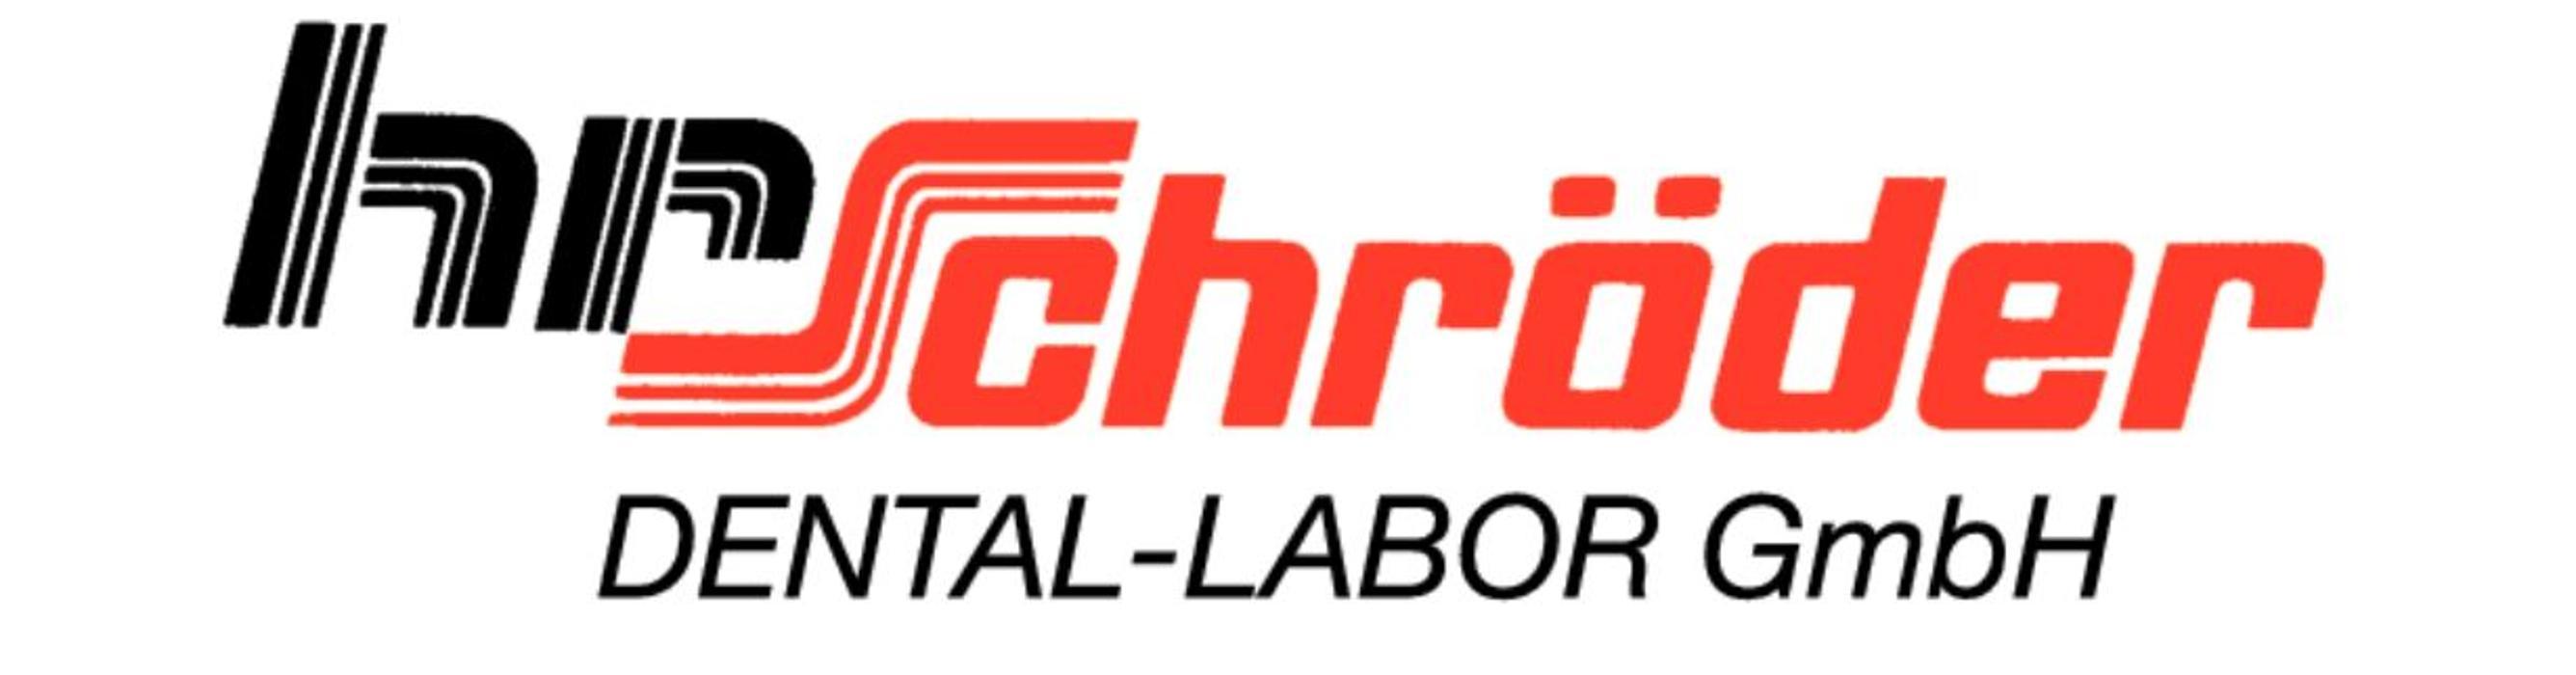 Bild zu H.R. Schröder Dental-Labor GmbH in Kiel